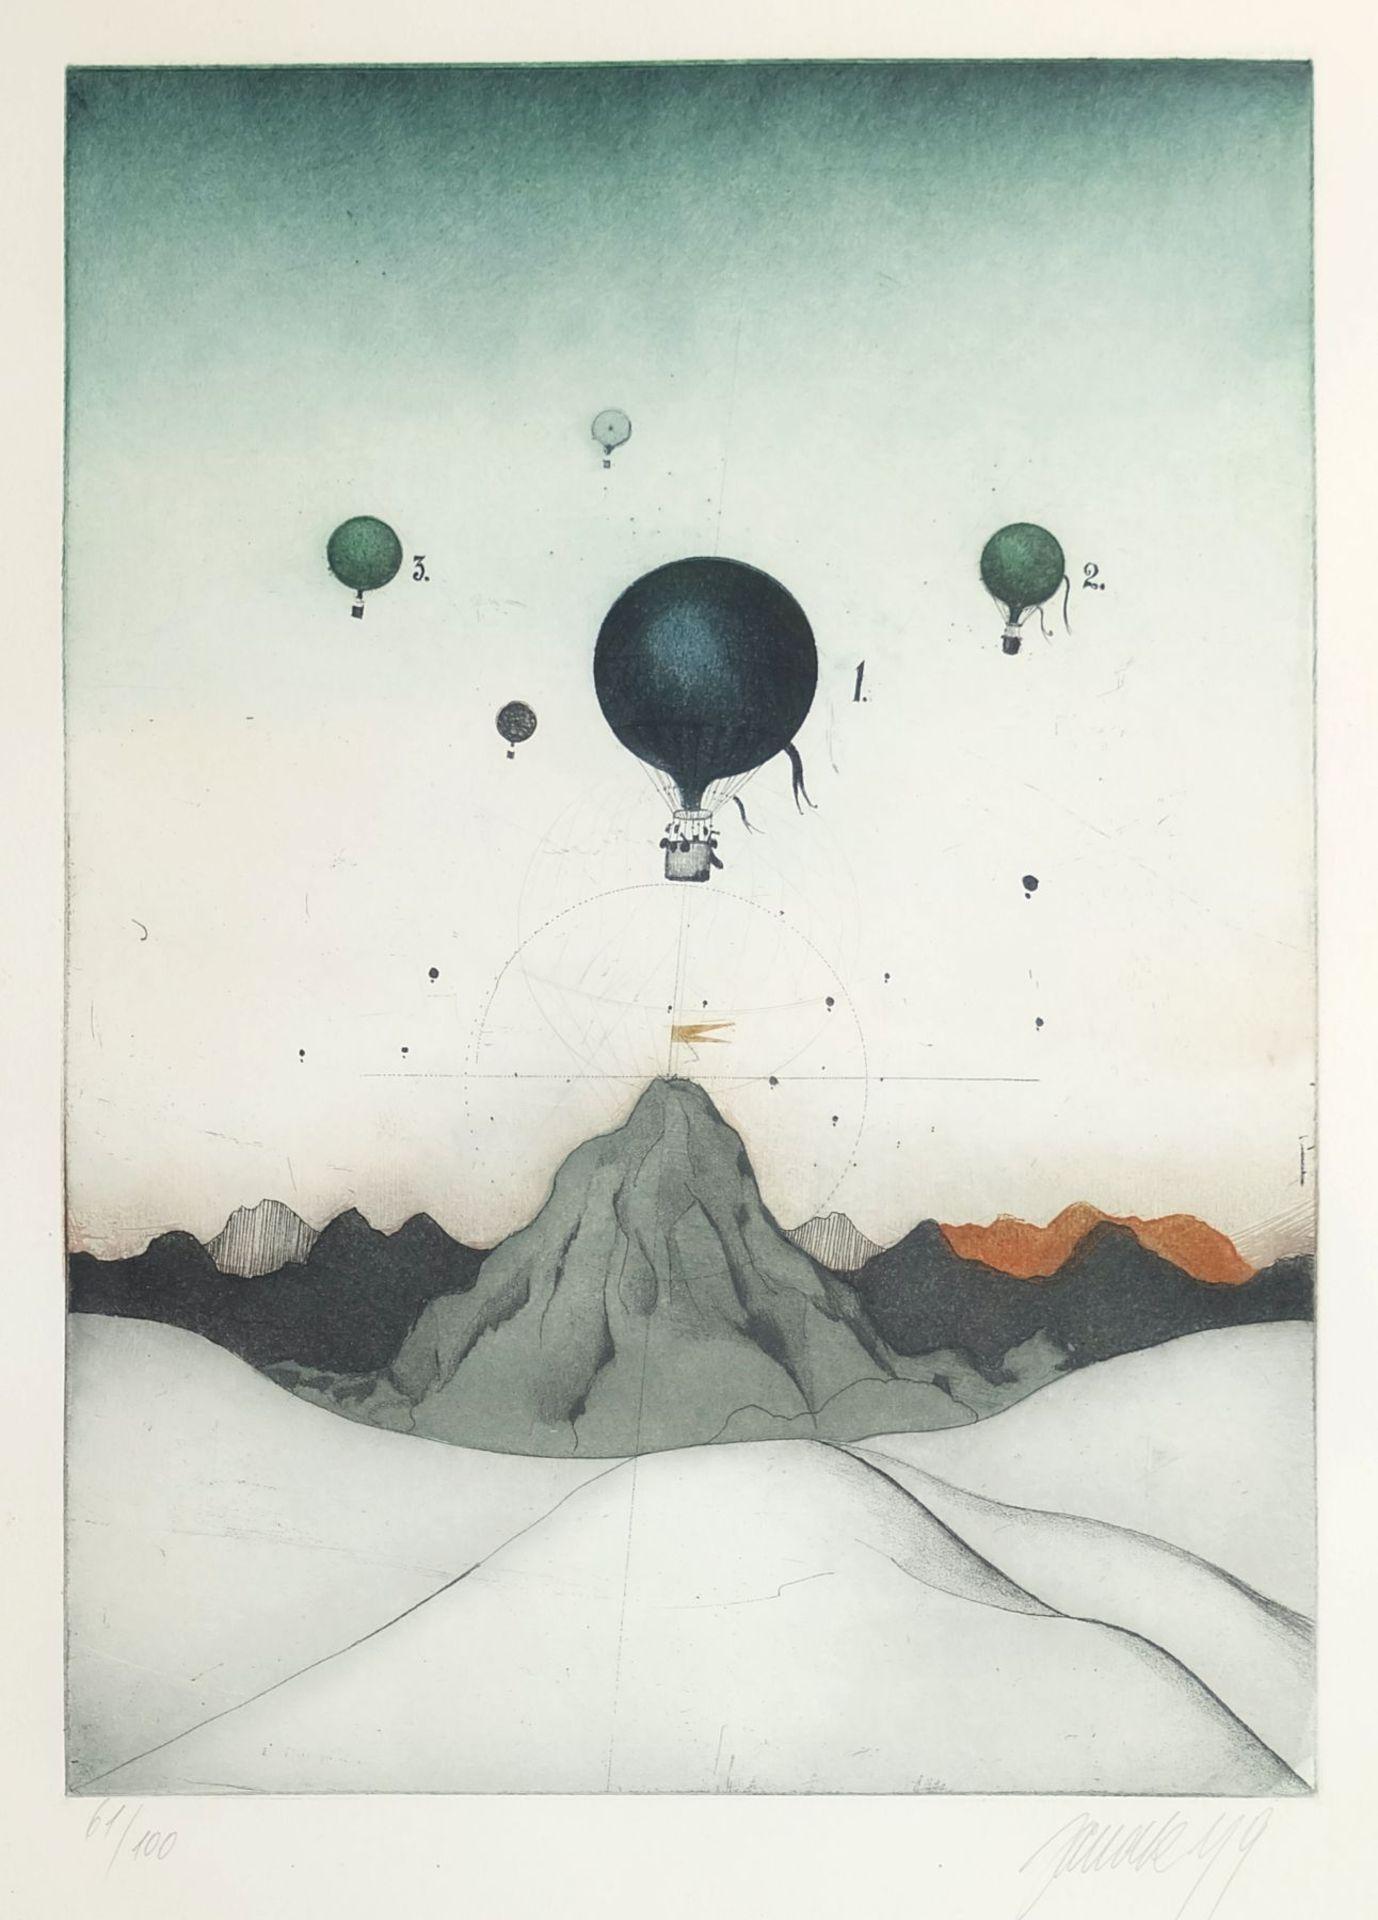 JANAK, Alois (*1924 Schönpriesen/ Krasne Prezno,